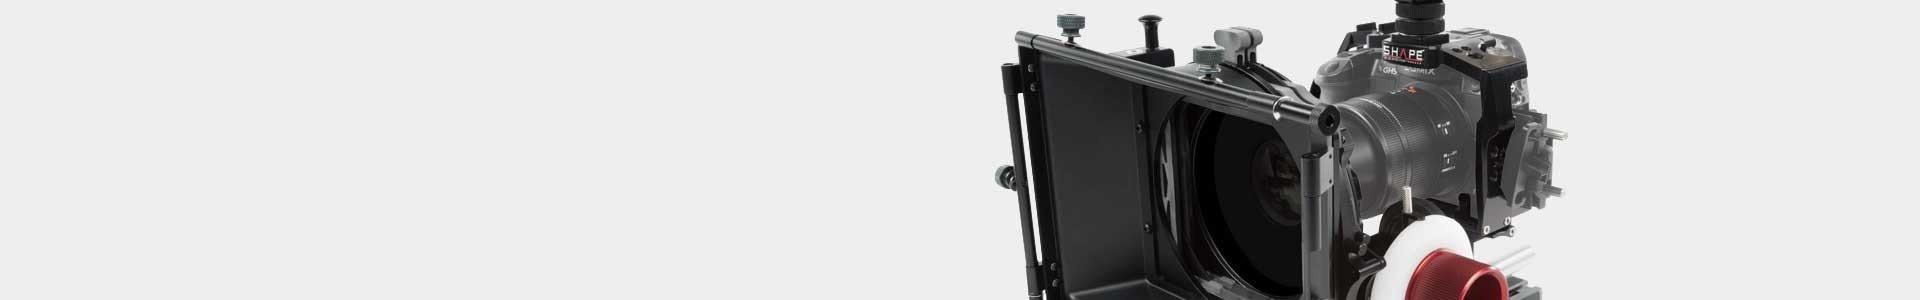 Accessori per Cineprese e Videocamere professionali - Avacab